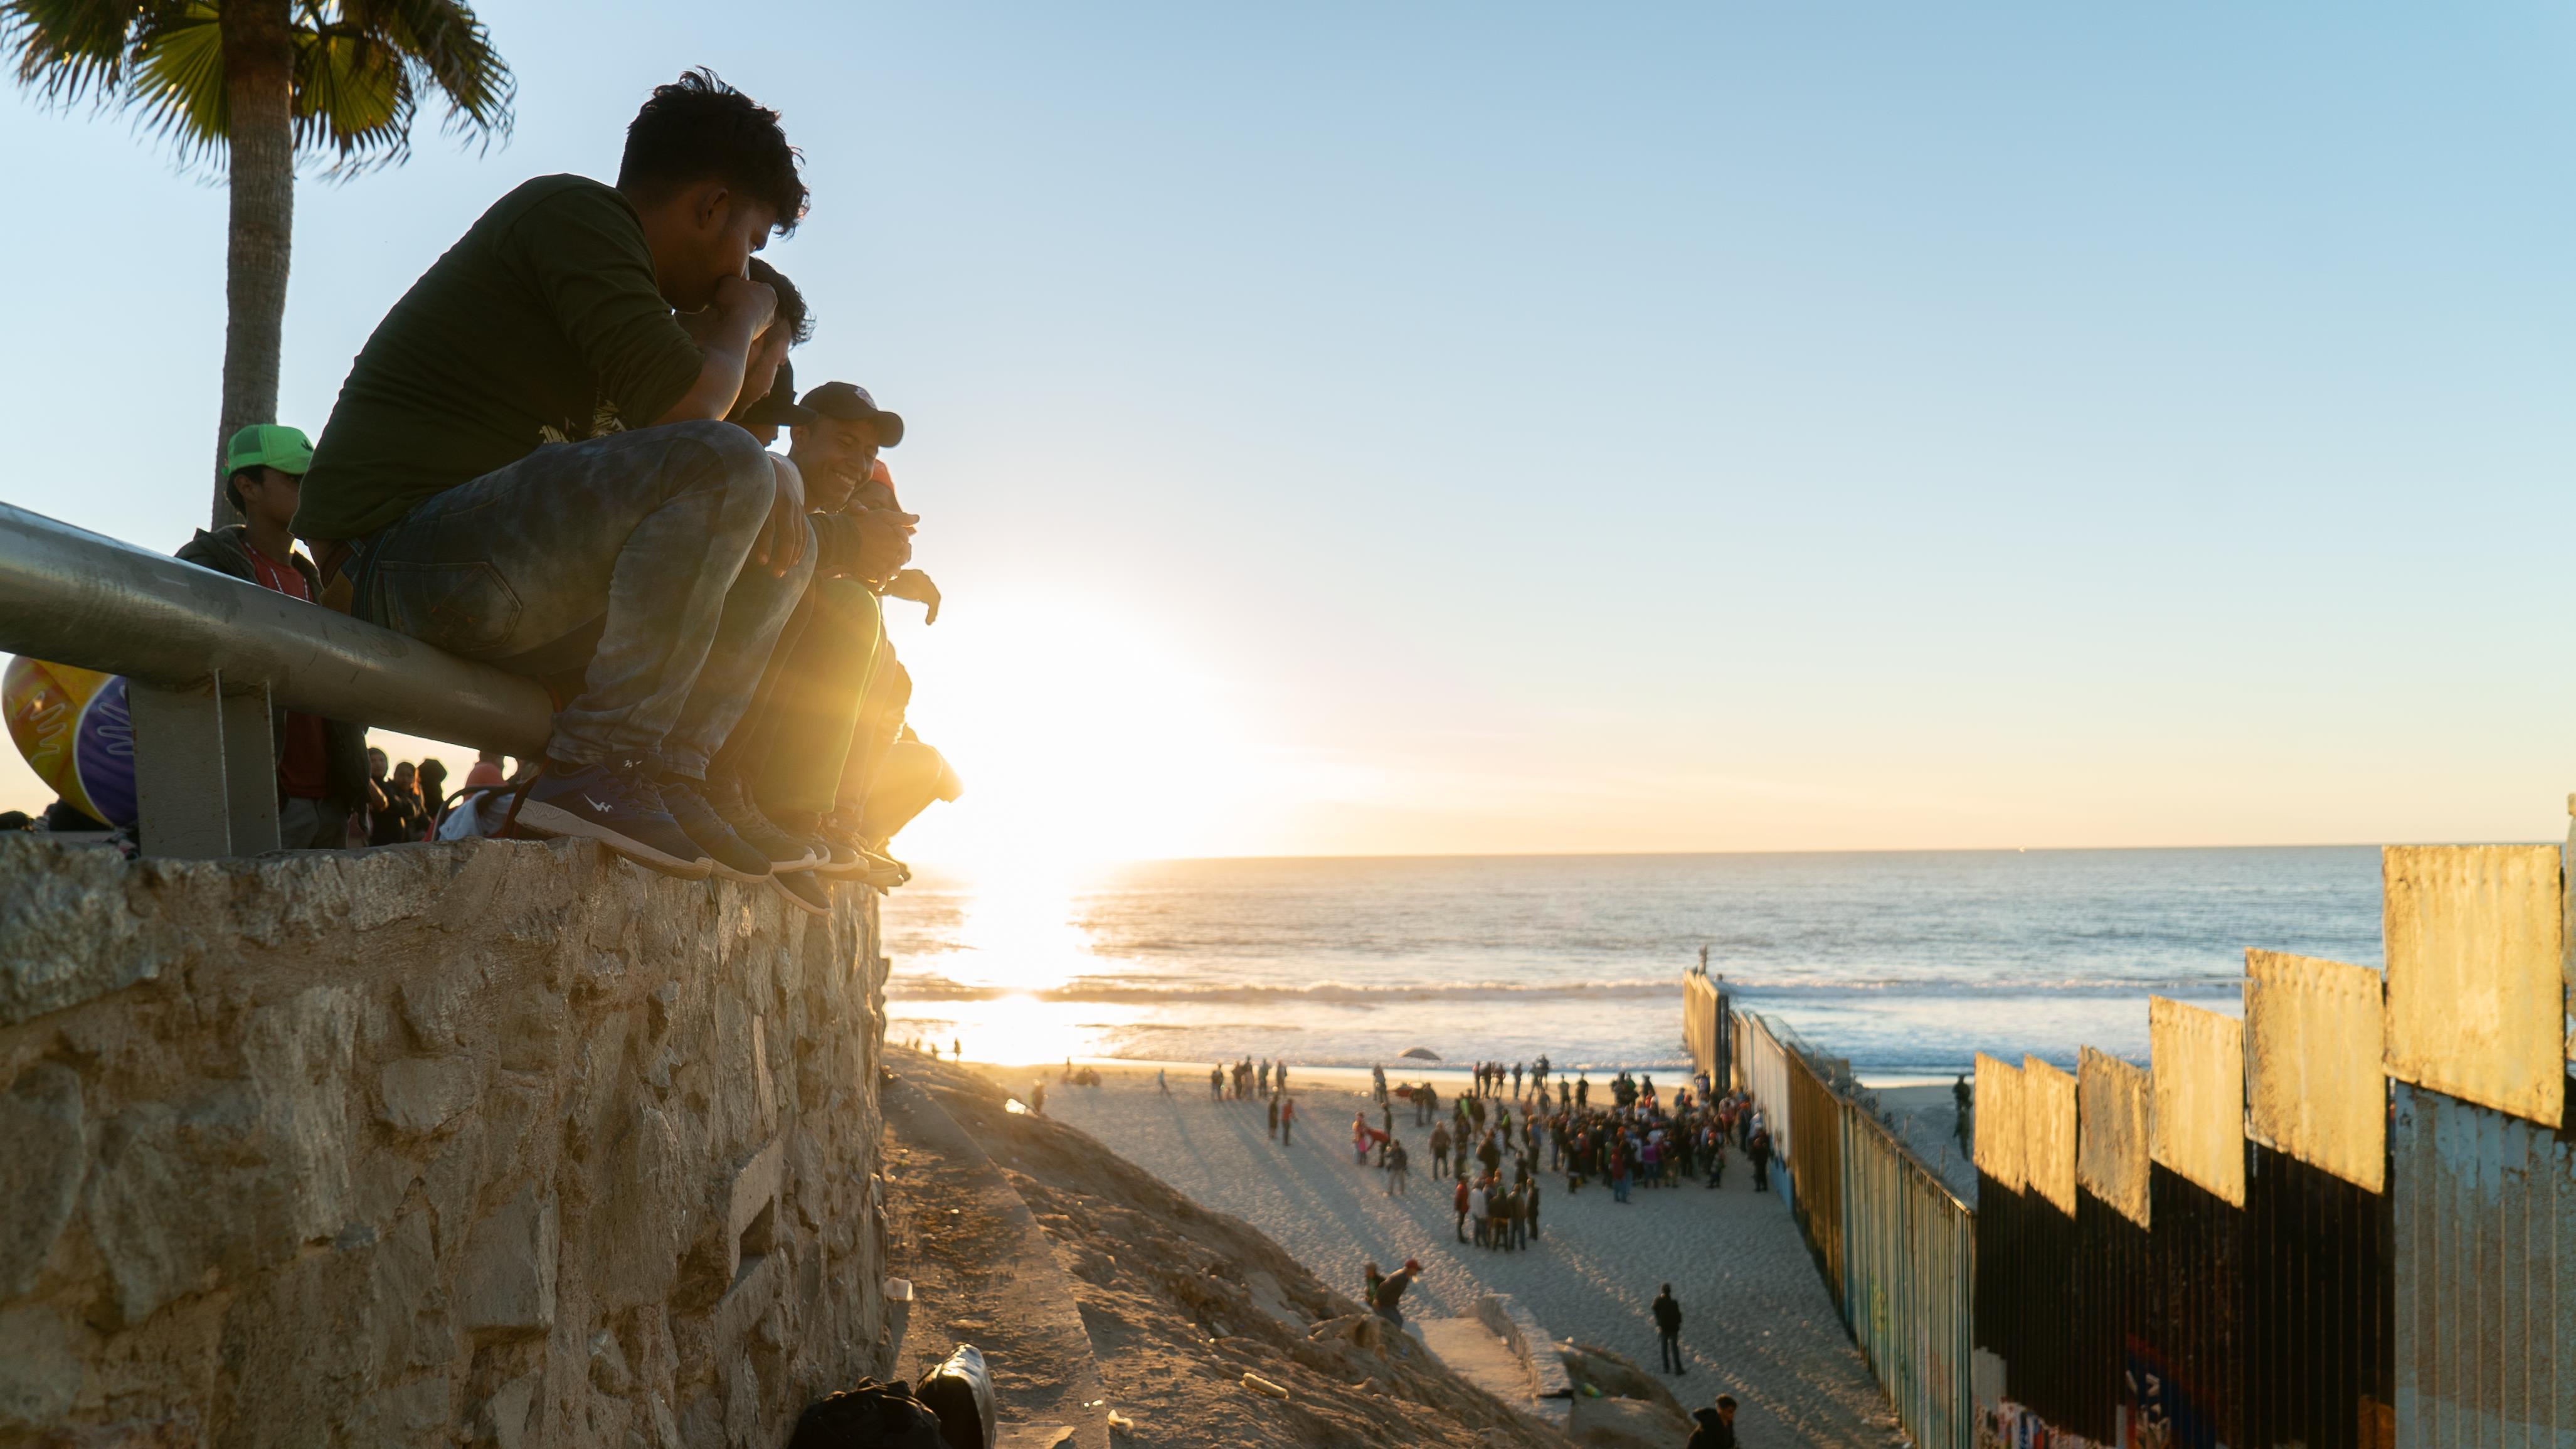 De jeunes hommes perchés sur un parapet regardent la mer et le mur qui les séparent des États-Unis.